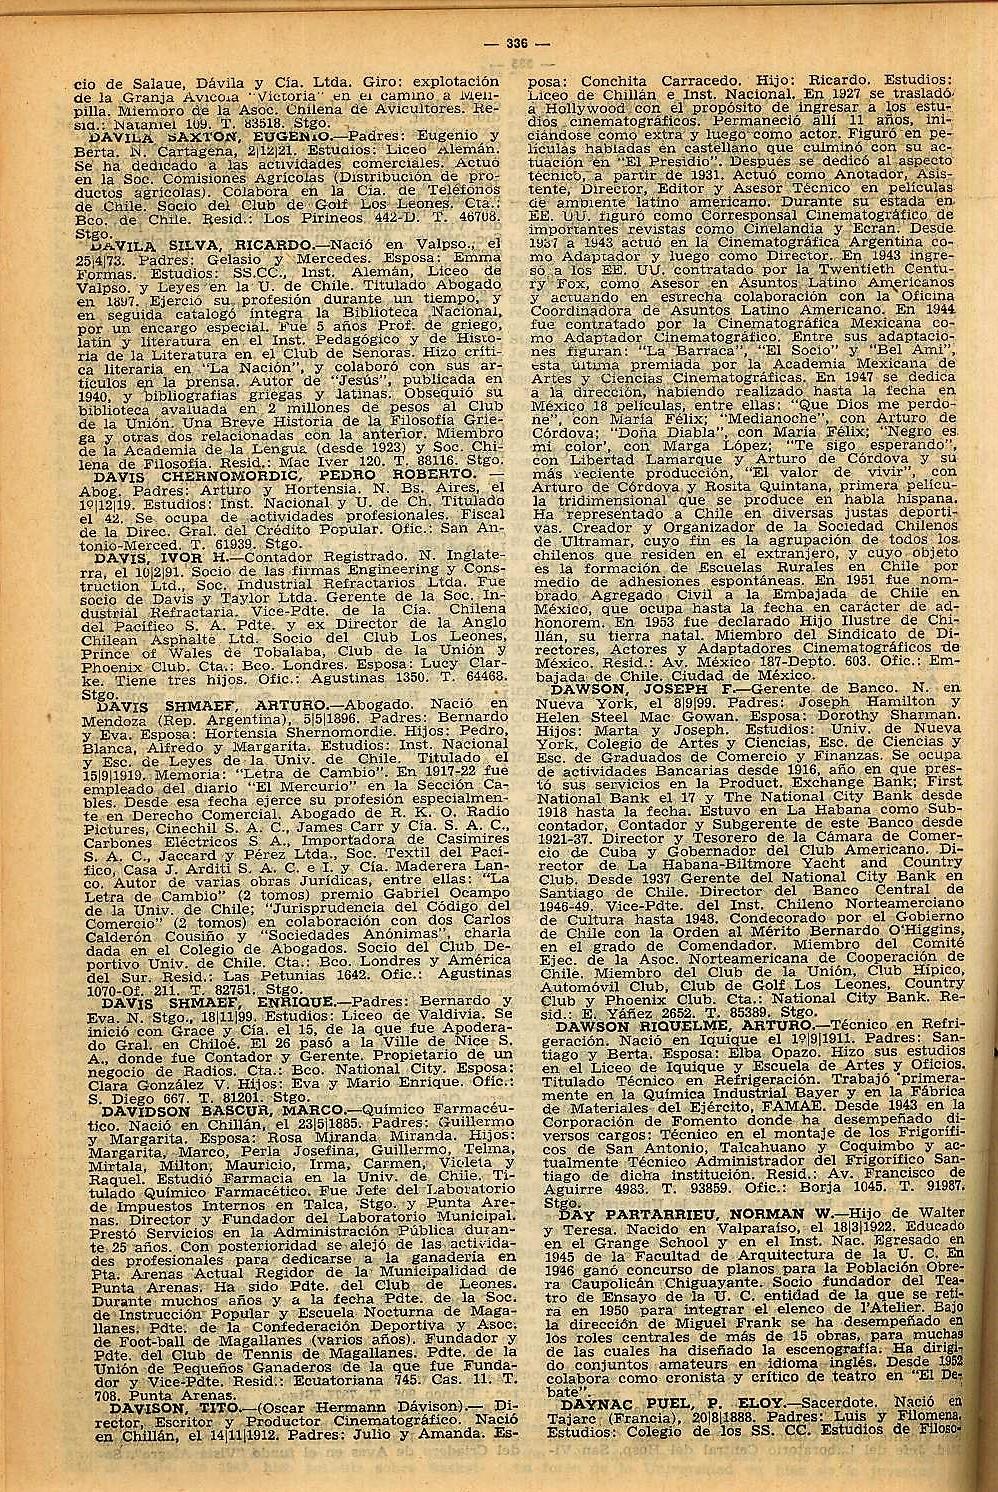 Diccionario Biográfico de Chile 9a Edición 1953: 336 DAVIS DAWSON